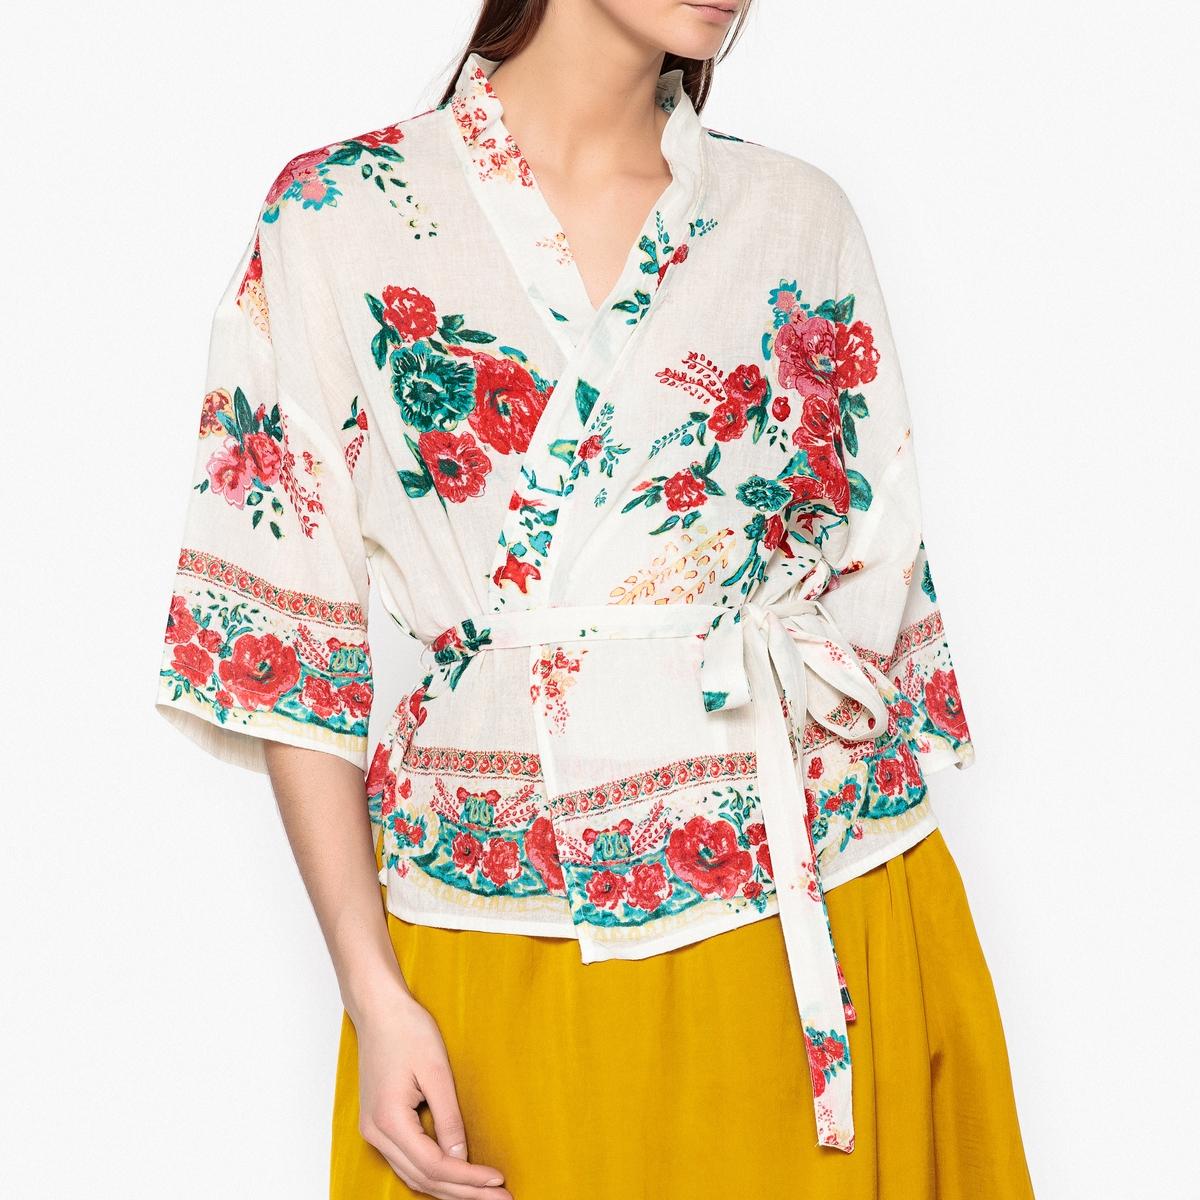 Блузка-кимоно с цветочным рисунком CRAZY UKRANIAОписание:Блузка-кимоно с широкими рукавами LEON AND HARPER - модель UKRANIA. Из очень тонкого 100% хлопка с цветочным рисунком, вырез с планками с частичным кантом, блузку можно носить как жакет. Пояс с завязками, небольшой разрез по бокам.Детали •  Кимоно •  Приталенный покрой •  Длина : укороченная модель •  Без воротника •  Цветочный рисунокСостав и уход •  100% хлопок •  Следуйте рекомендациям по уходу, указанным на этикетке изделия •  Длина : ок. 61 см. для размера S<br><br>Цвет: экрю